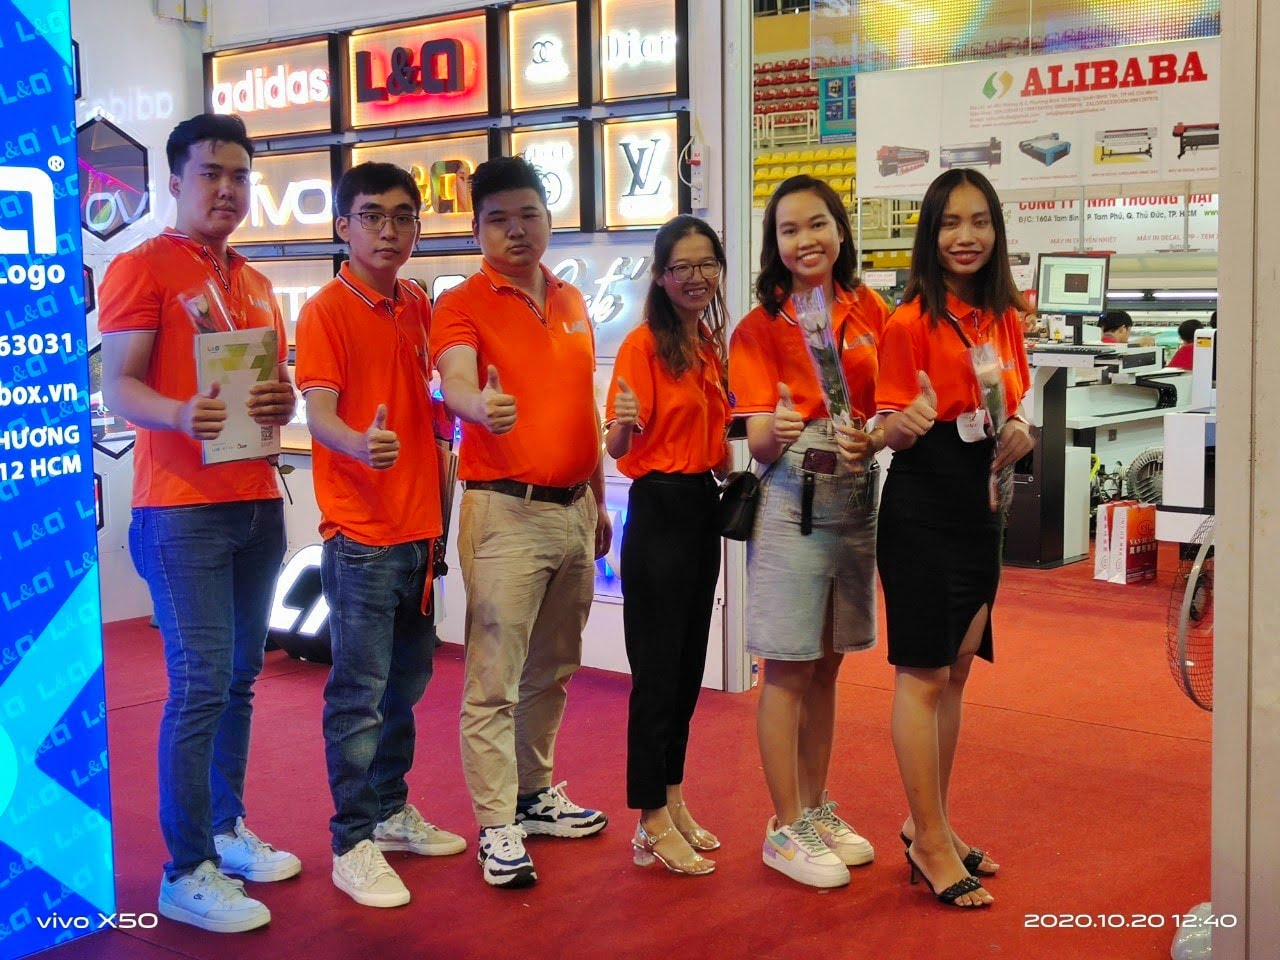 công ty l&q lightbox việt nam tại triển lãm